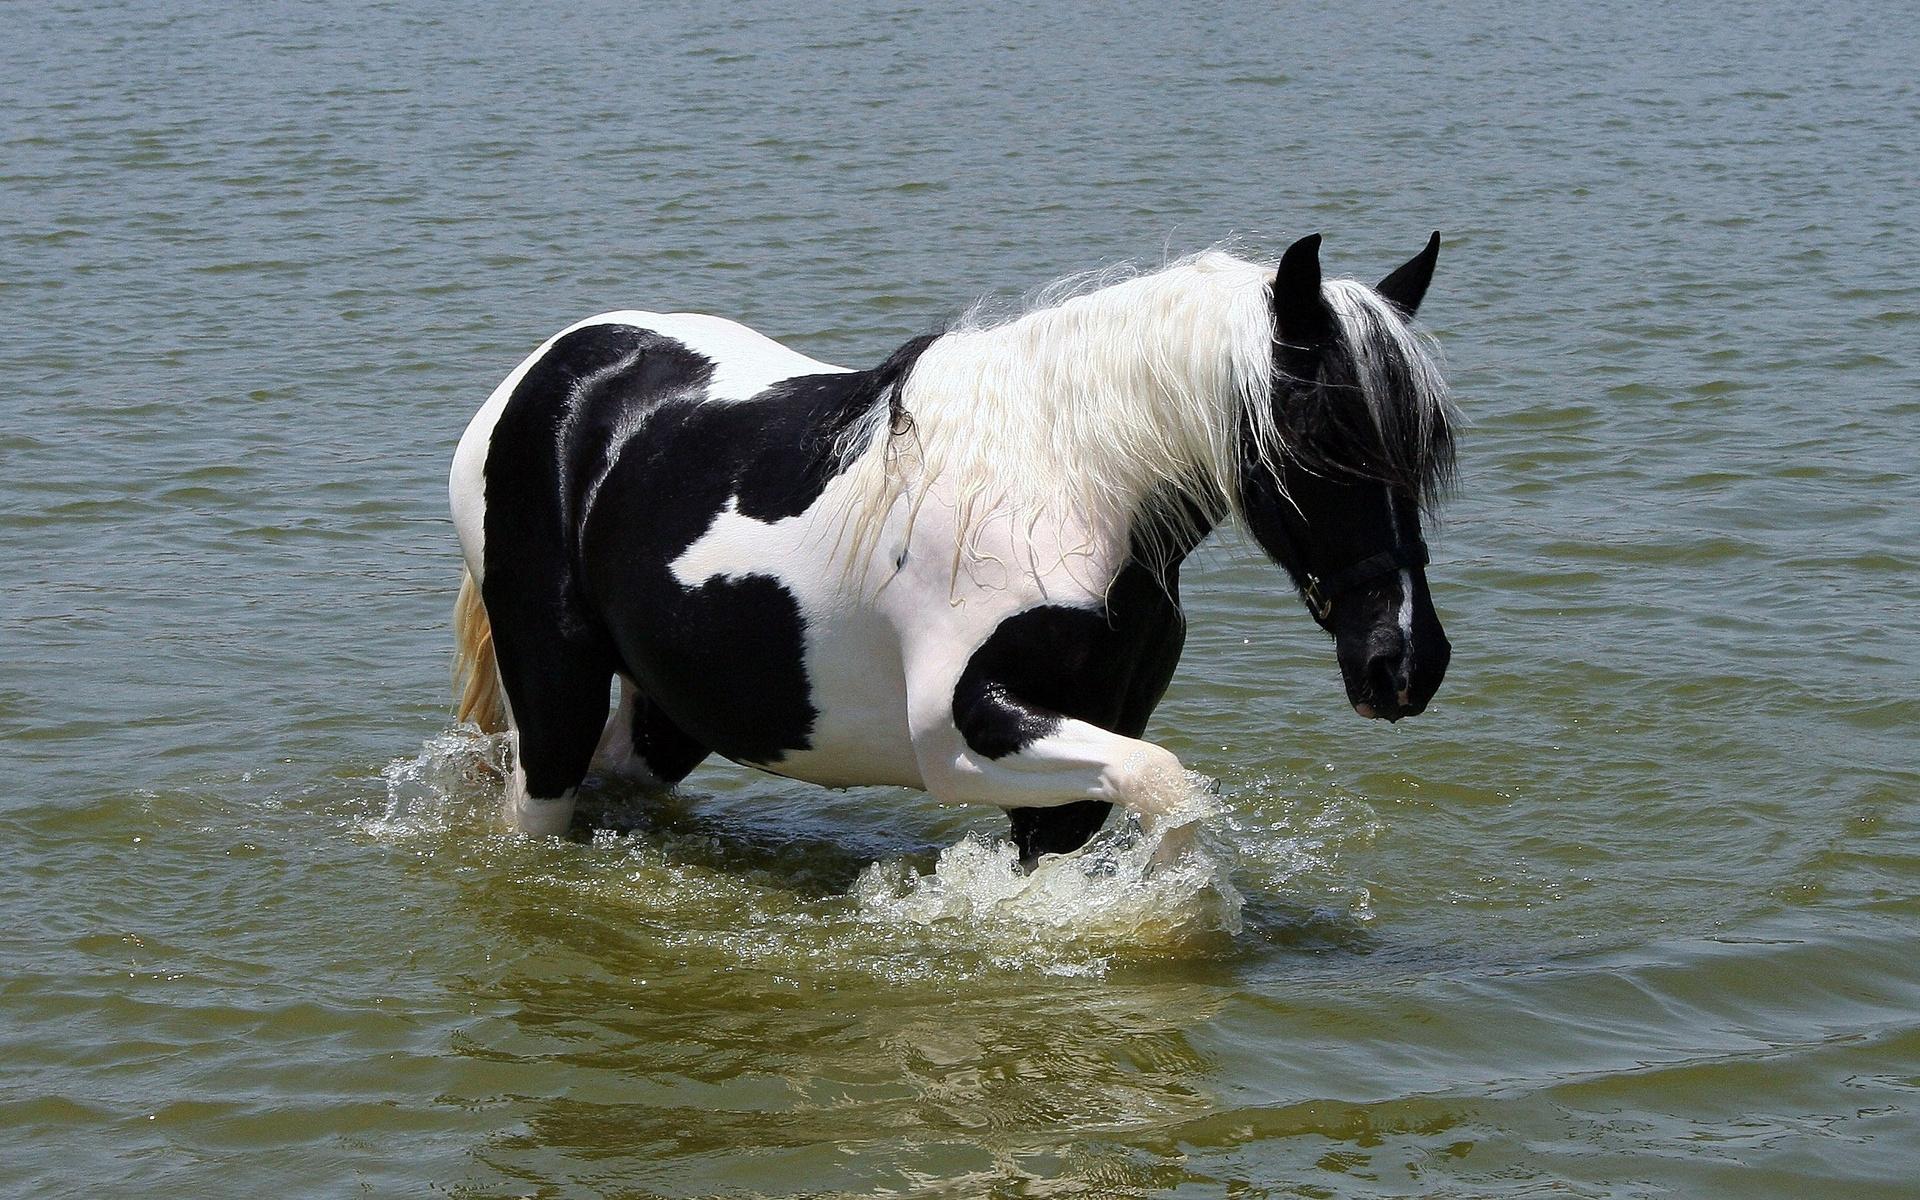 Картинки Лошадь, пятнистый, прогулка, фото и обои на рабочий стол